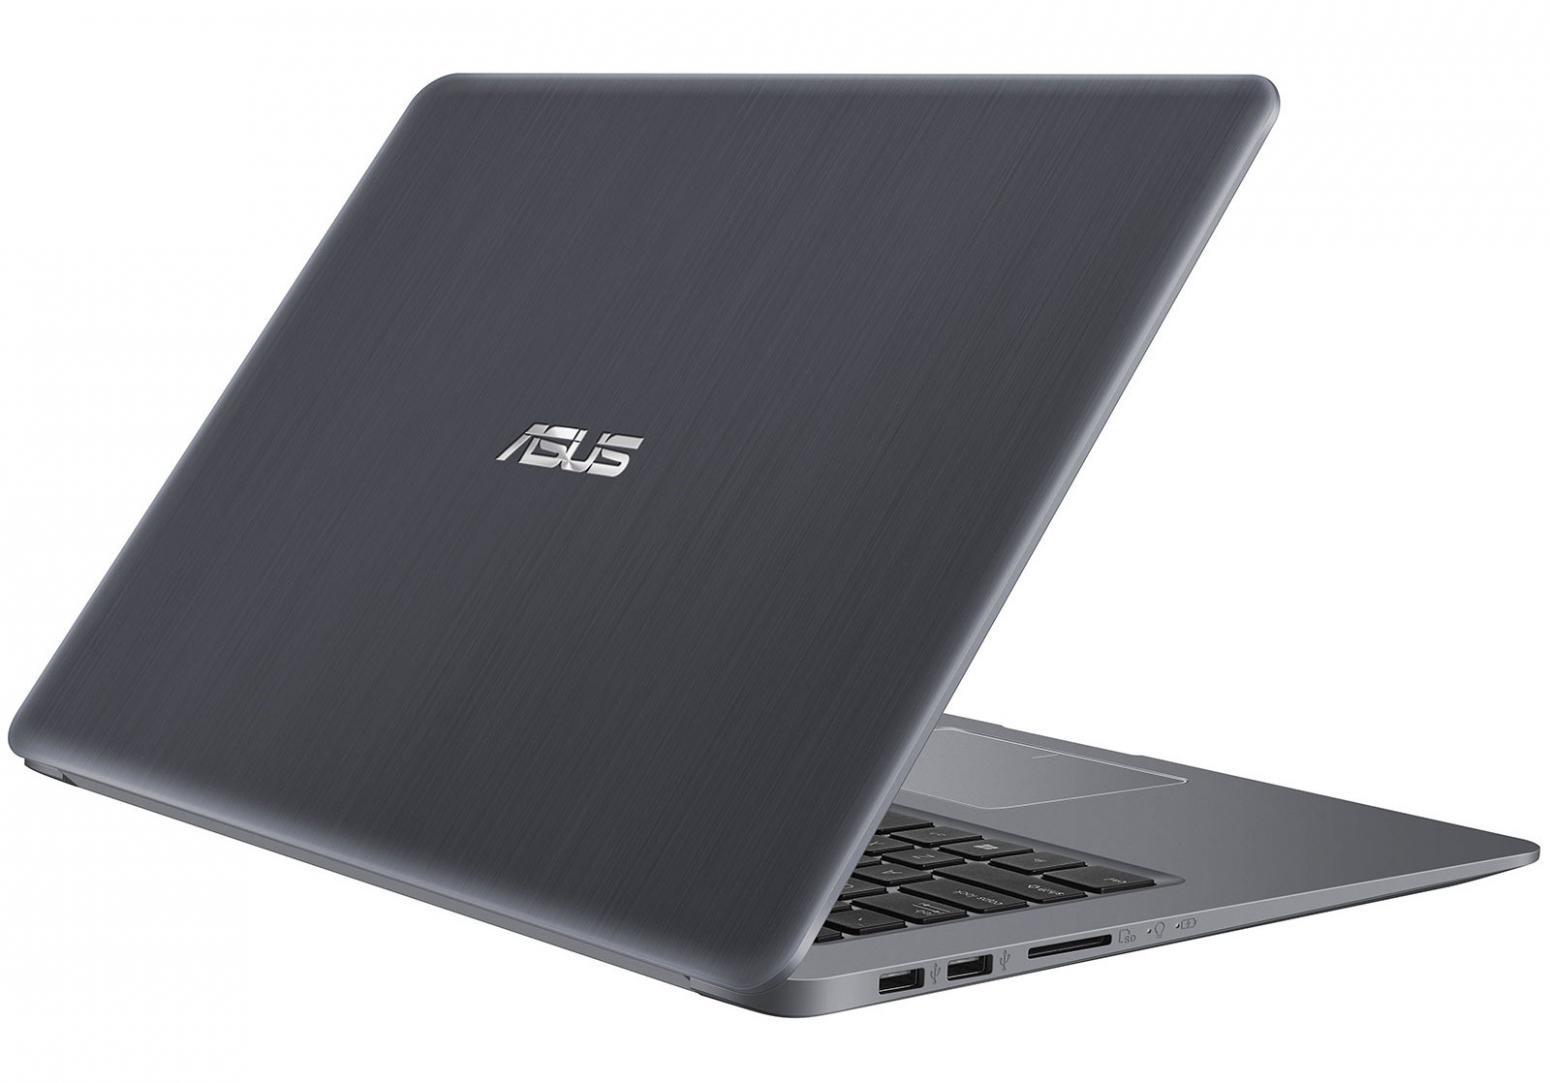 Ordinateur portable Asus VivoBook S510UA-BQ1060T Gris - SSD - photo 5